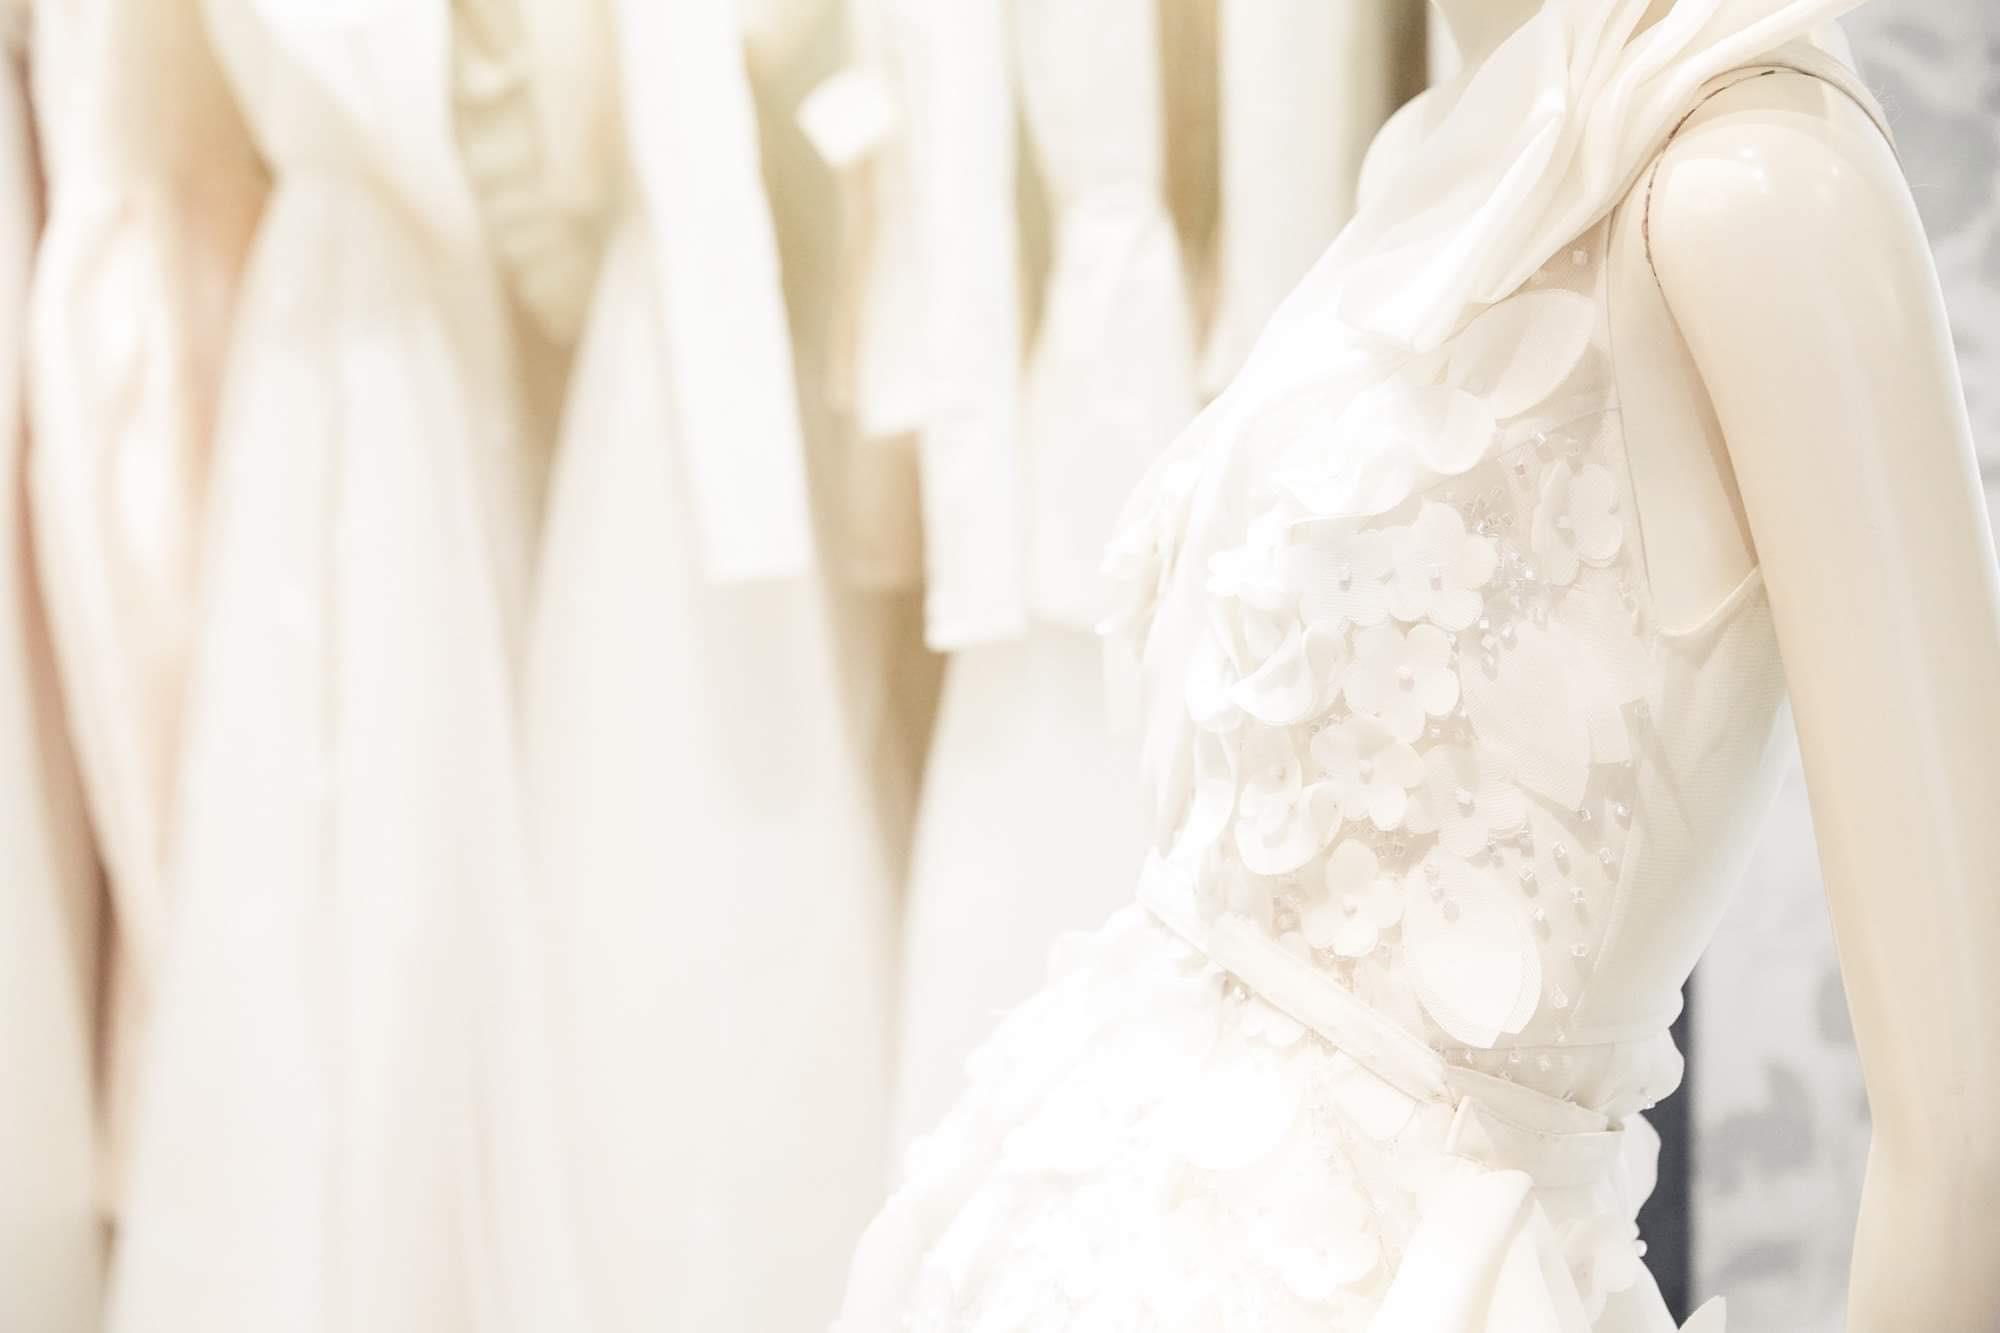 Ngắm váy cưới của nhà thiết kế Việt tại tiệm đồ cưới nổi tiếng nhất New York - Ảnh 5.